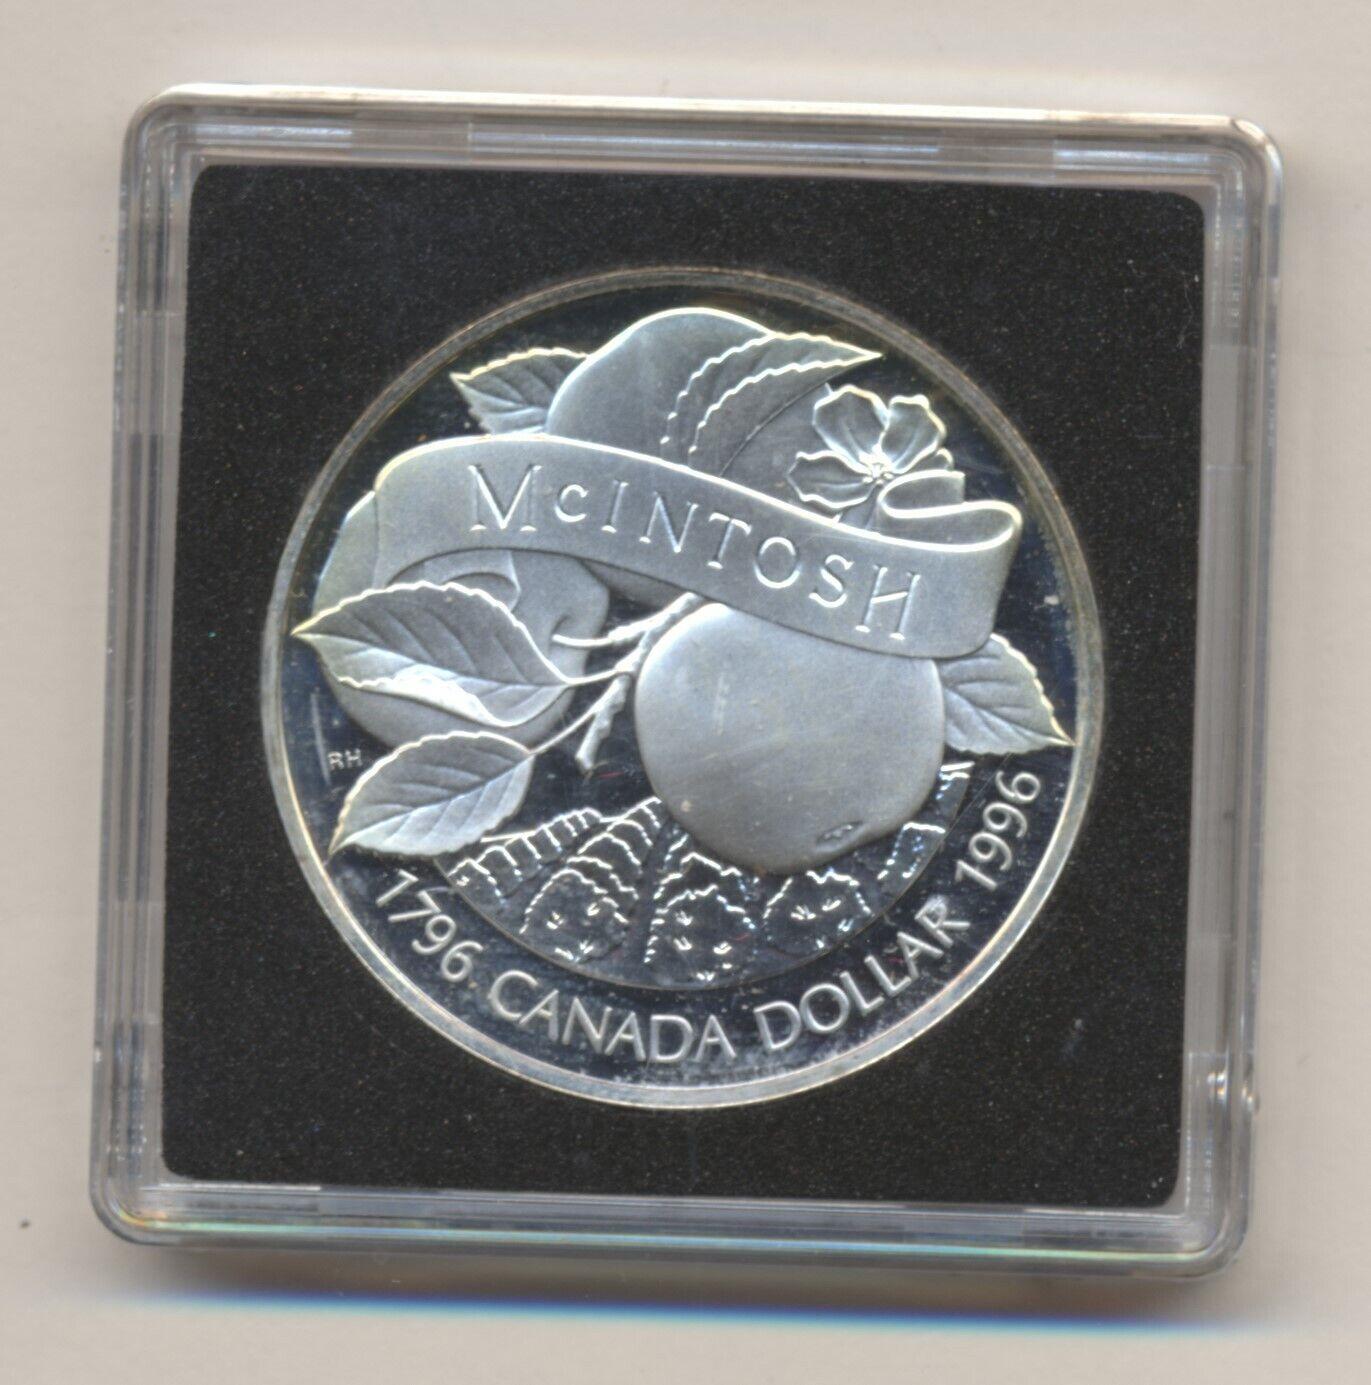 1996 CANADA SILVER DOLLAR MCINTOSH  - $32.00